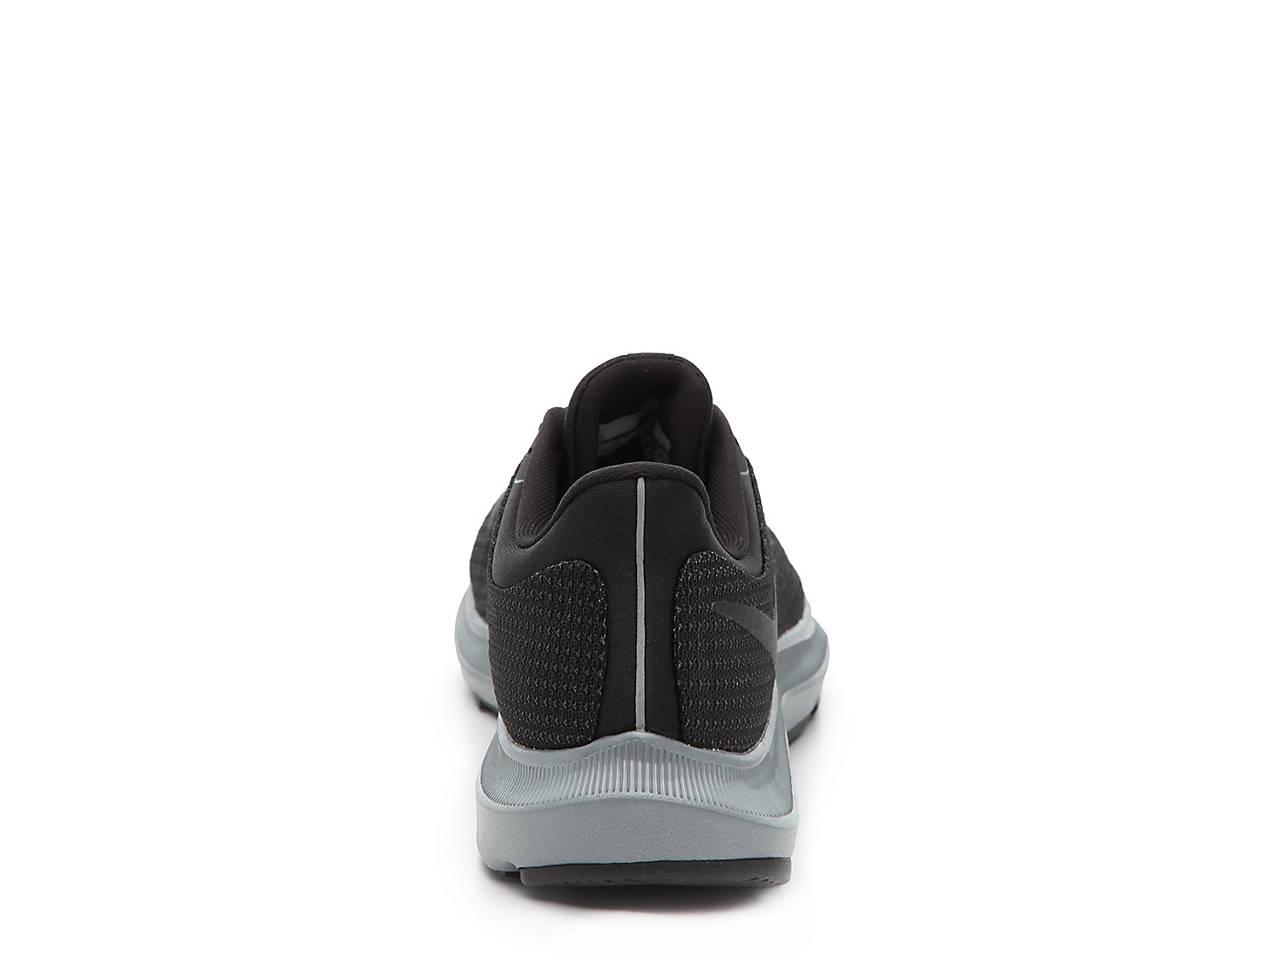 7a0d8bb1ff0a Nike Quest Lightweight Running Shoe - Women s Women s Shoes